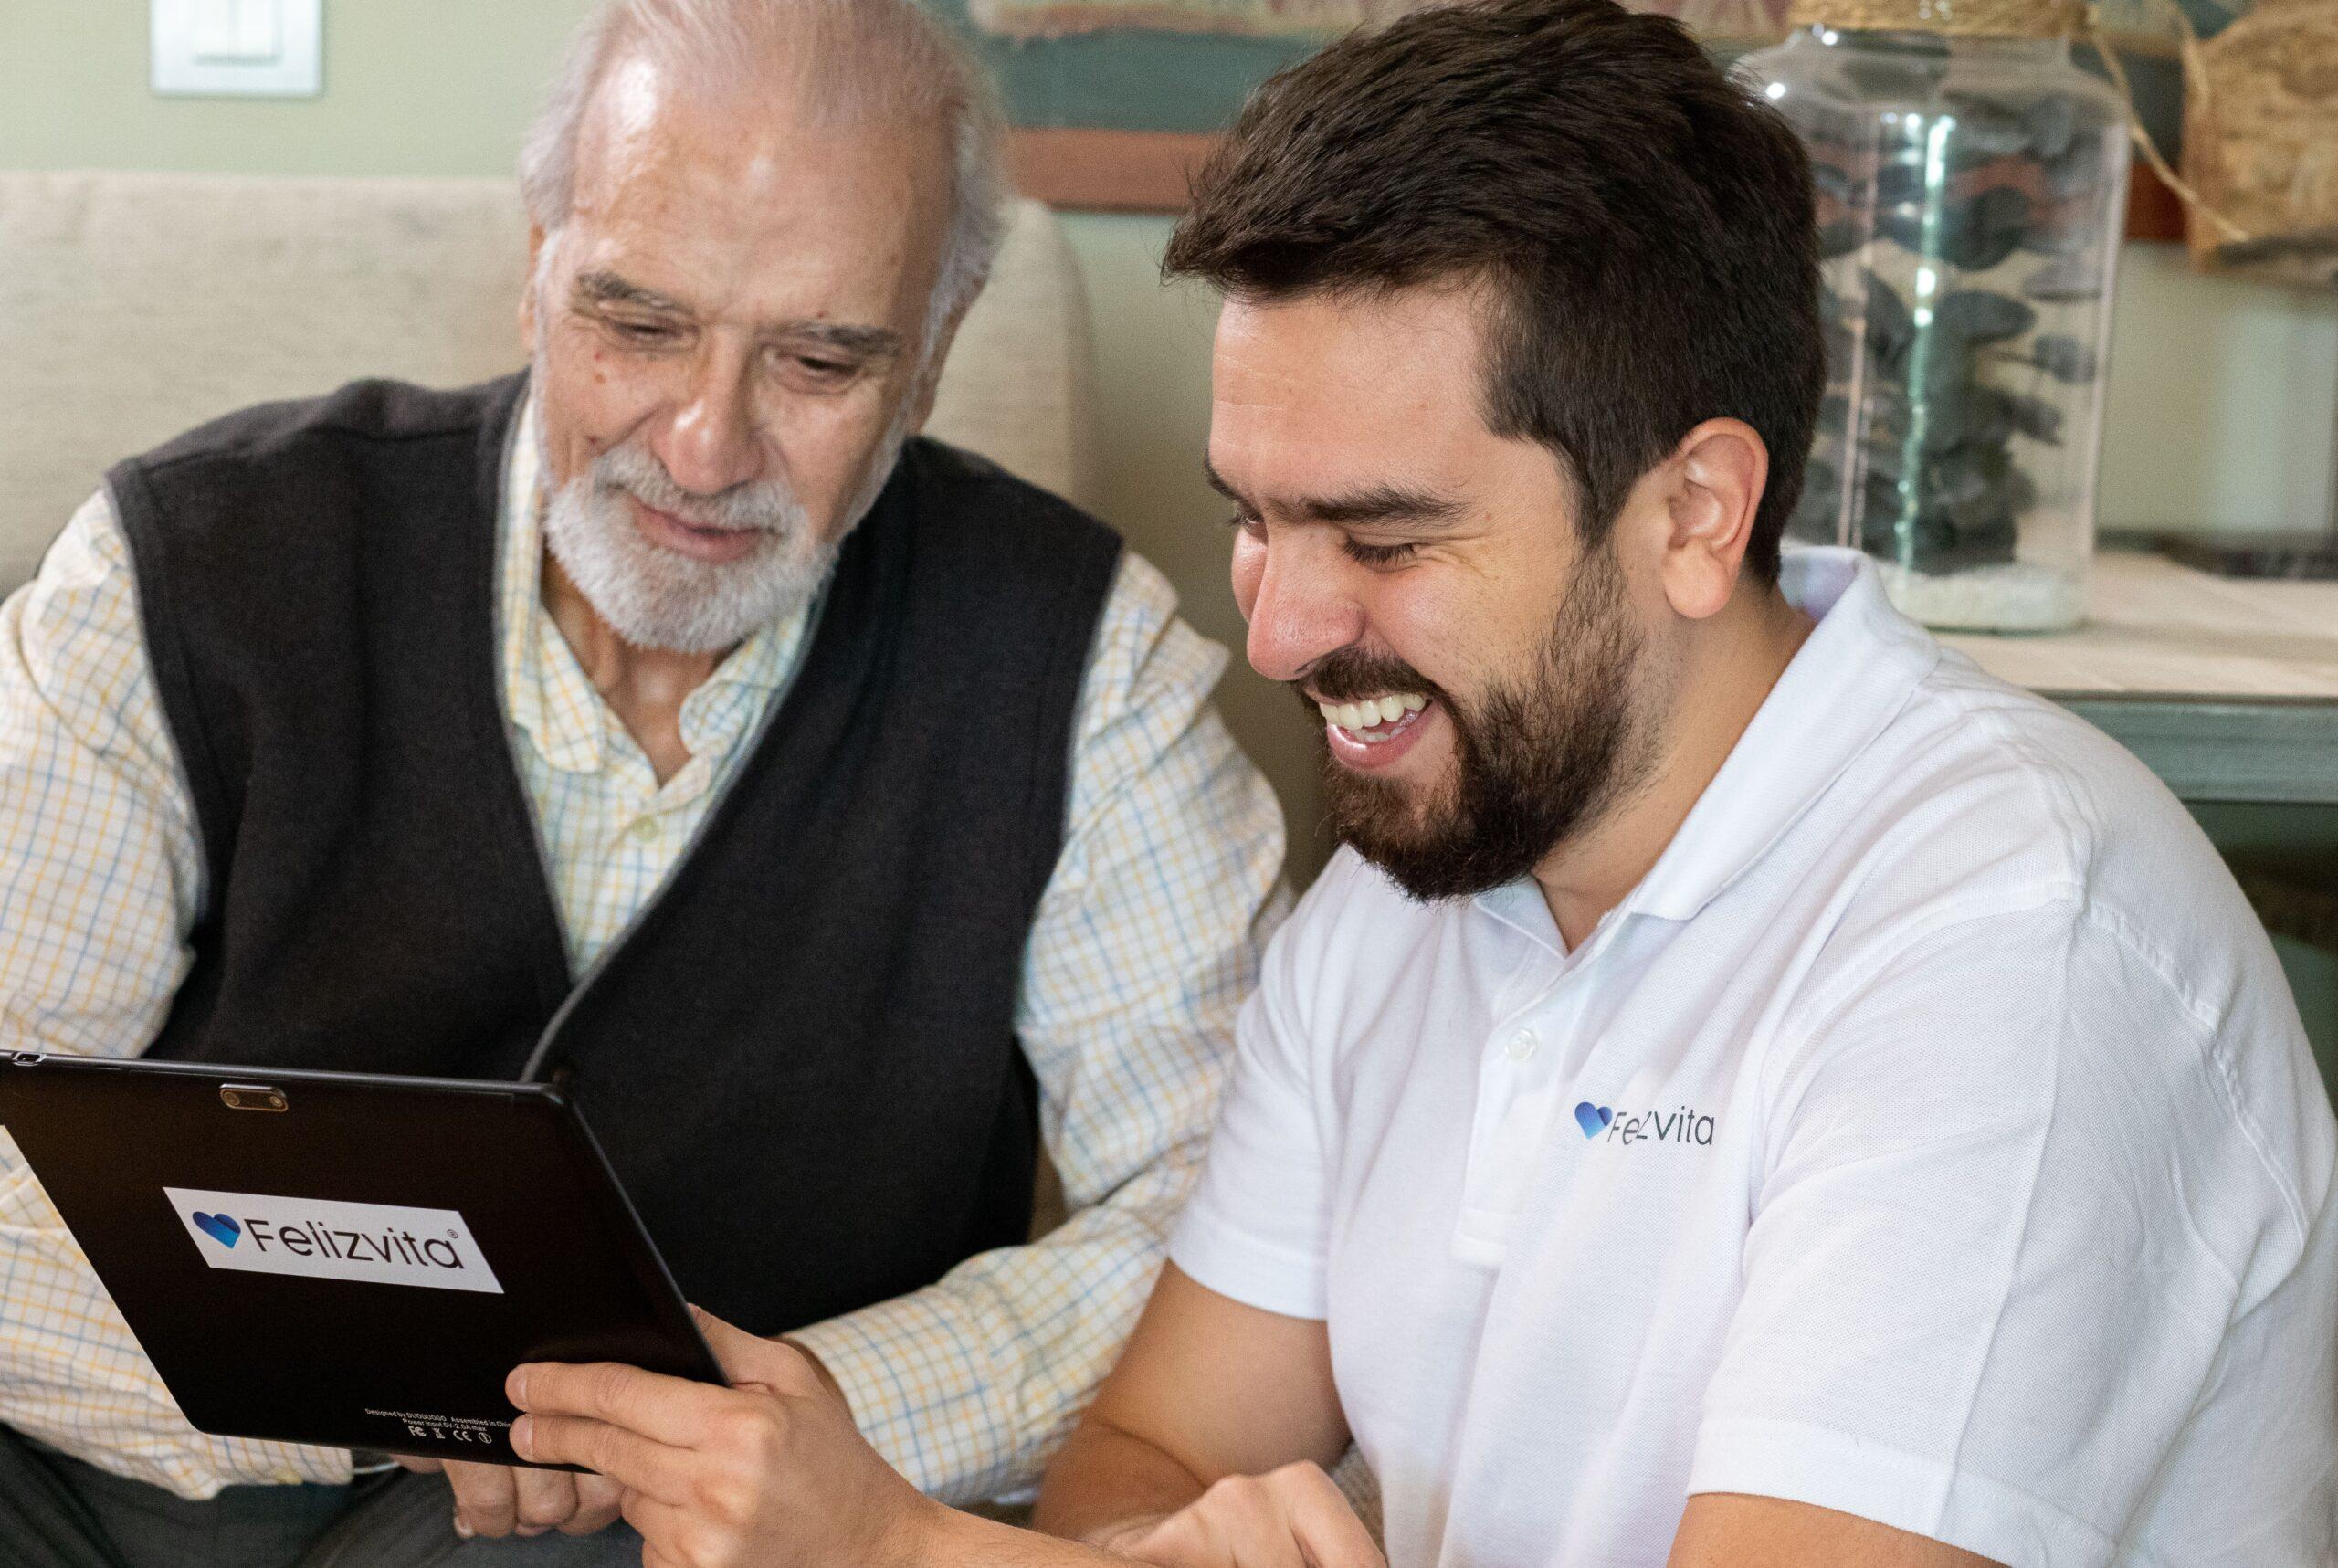 Cuidador de felizvita enseñando teleasistencia a persona mayor